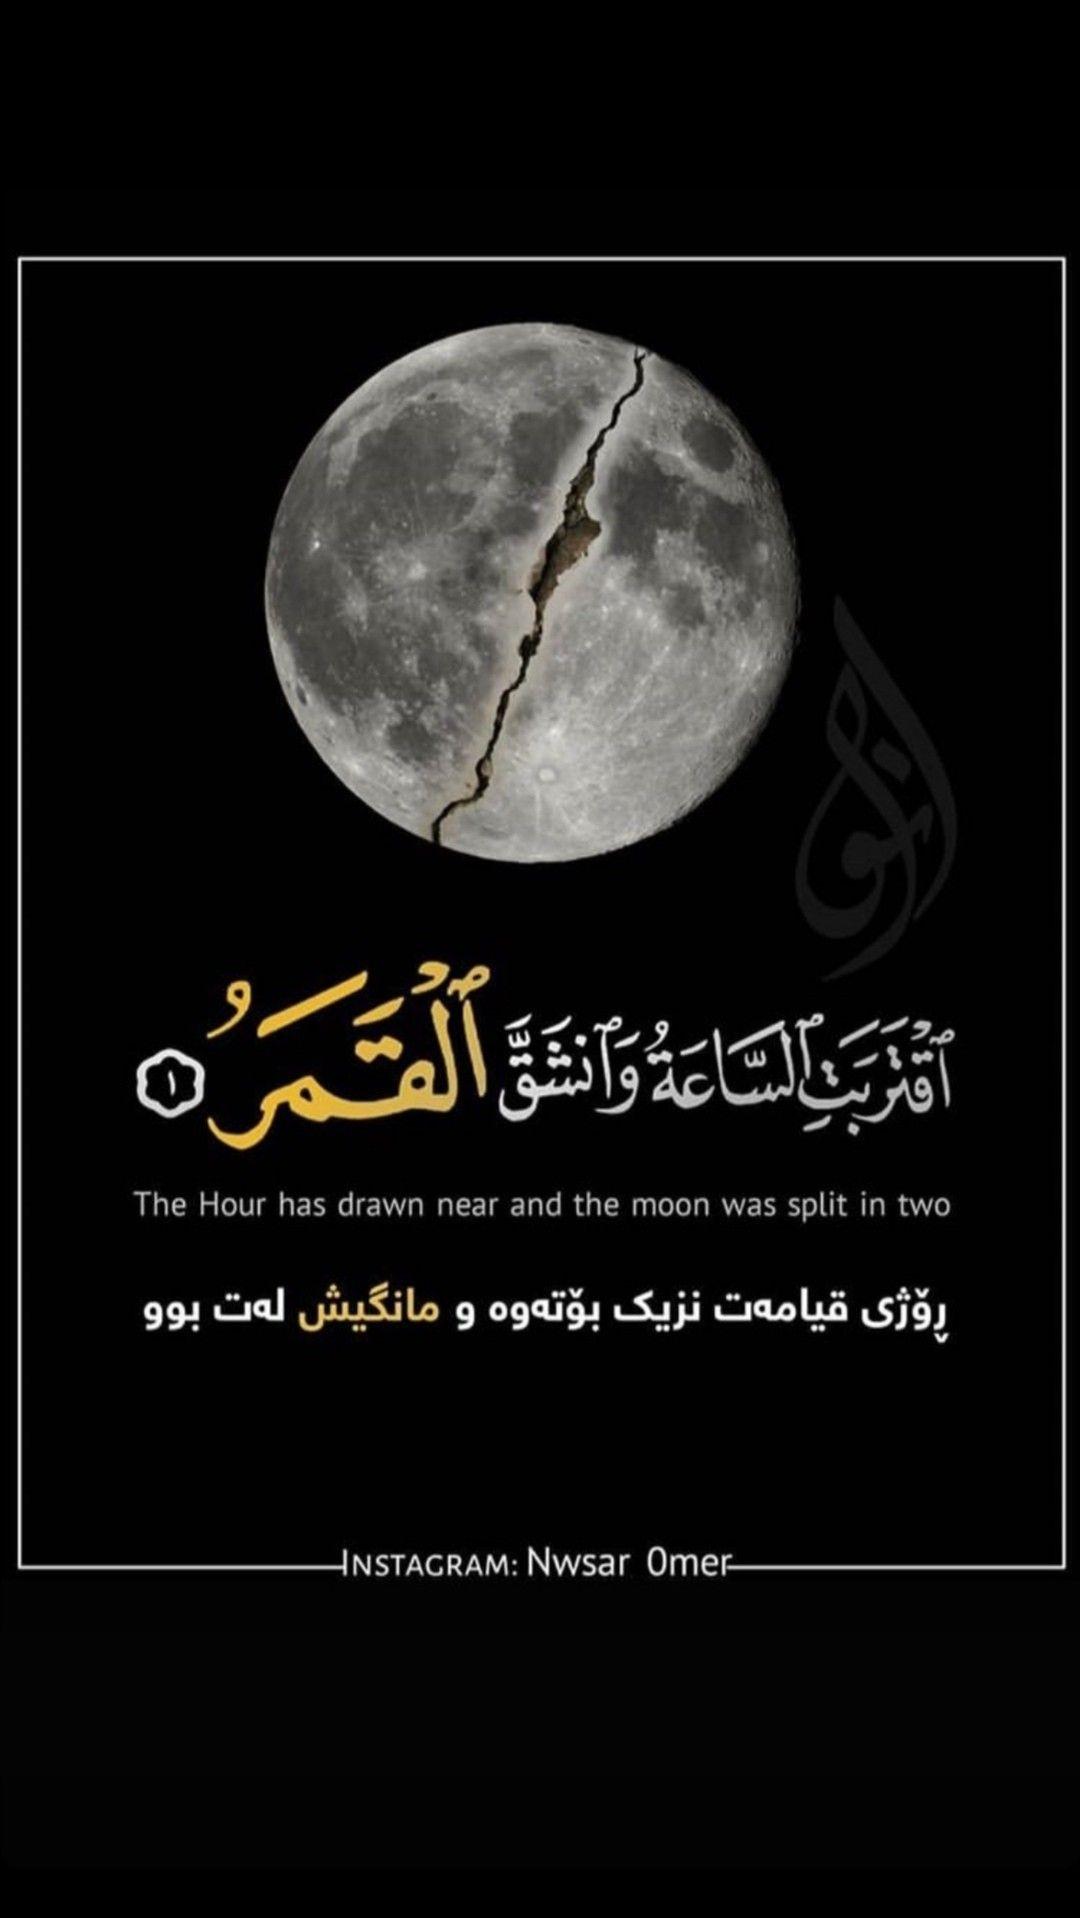 Pin By Shorna On ڤـیـتـامـیـنـات Islamic Quotes Quran Quotes Quran Book